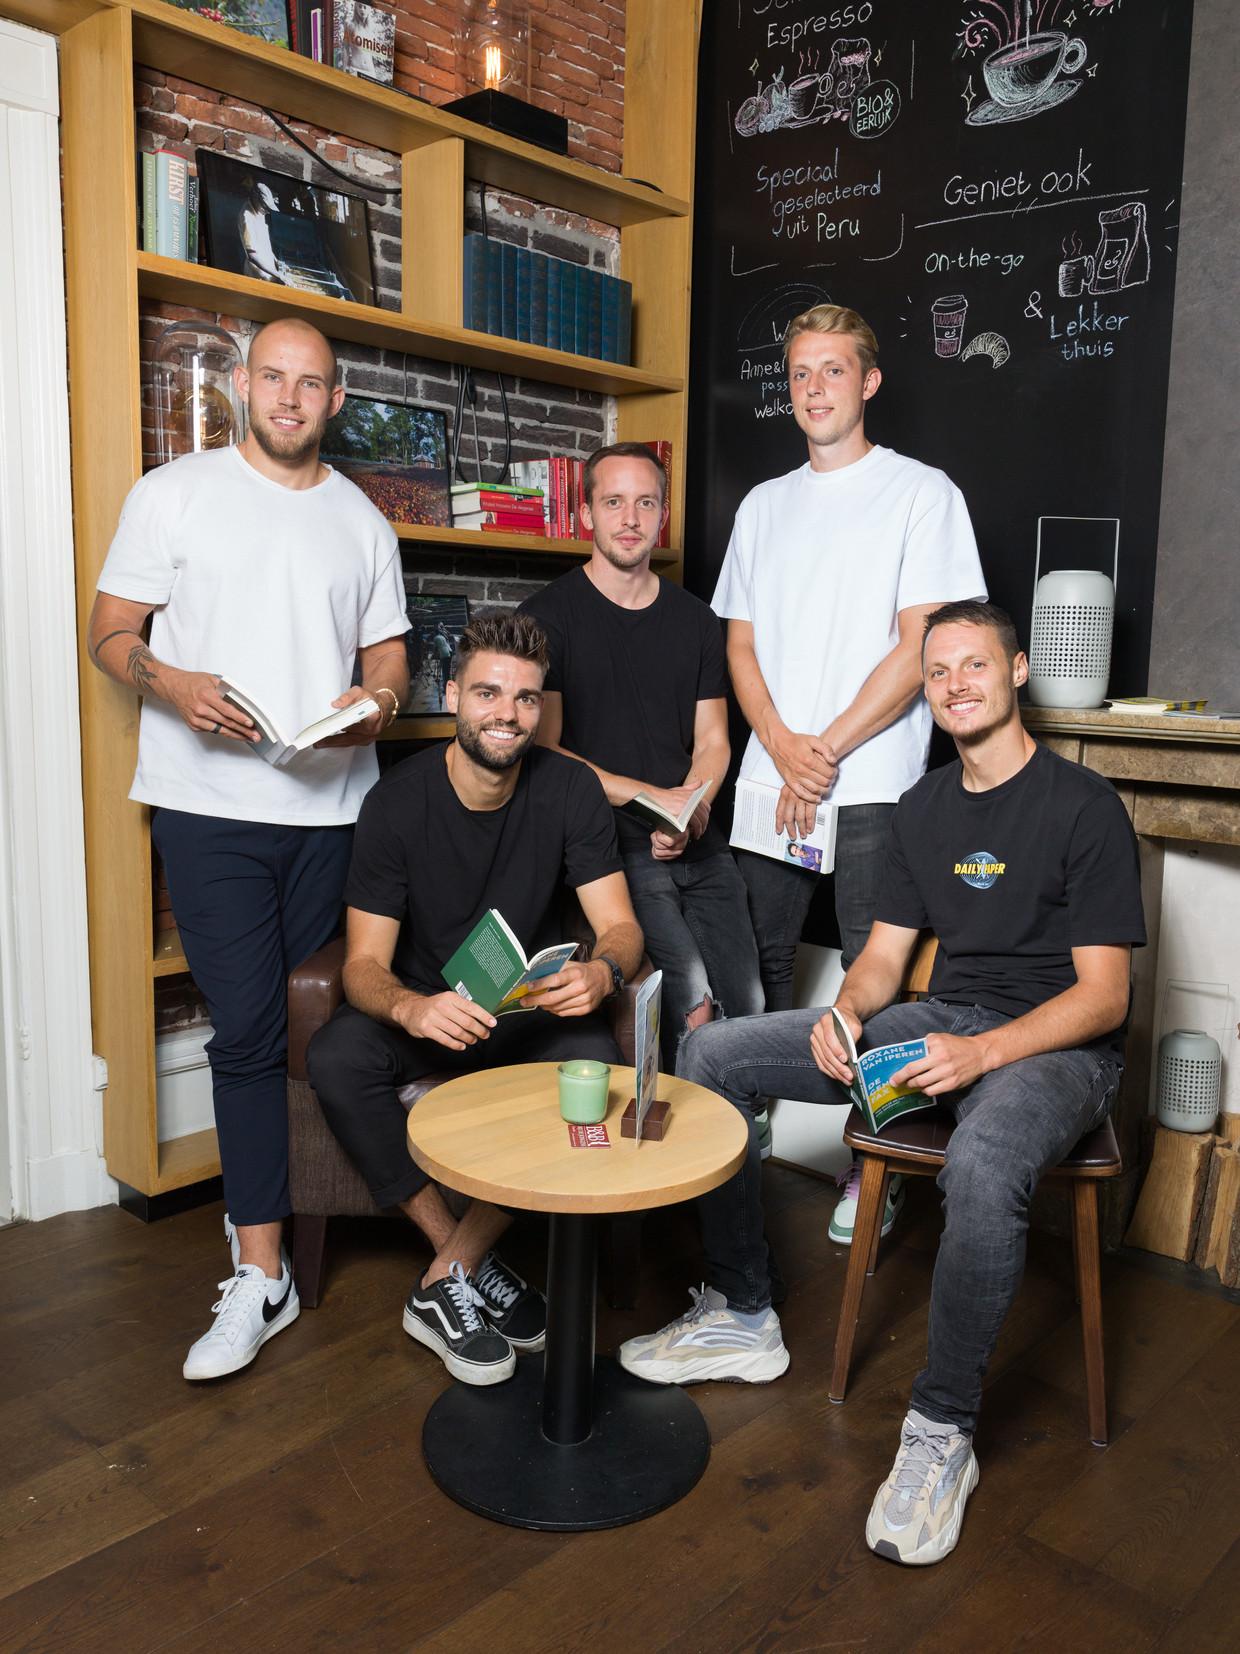 Van links naar rechts: Colin de Graaf, Robin Pröpper, Stef Gronsveld, Maarten de Fockert, Jeff Hardeveld. Beeld Ivo van der Bent